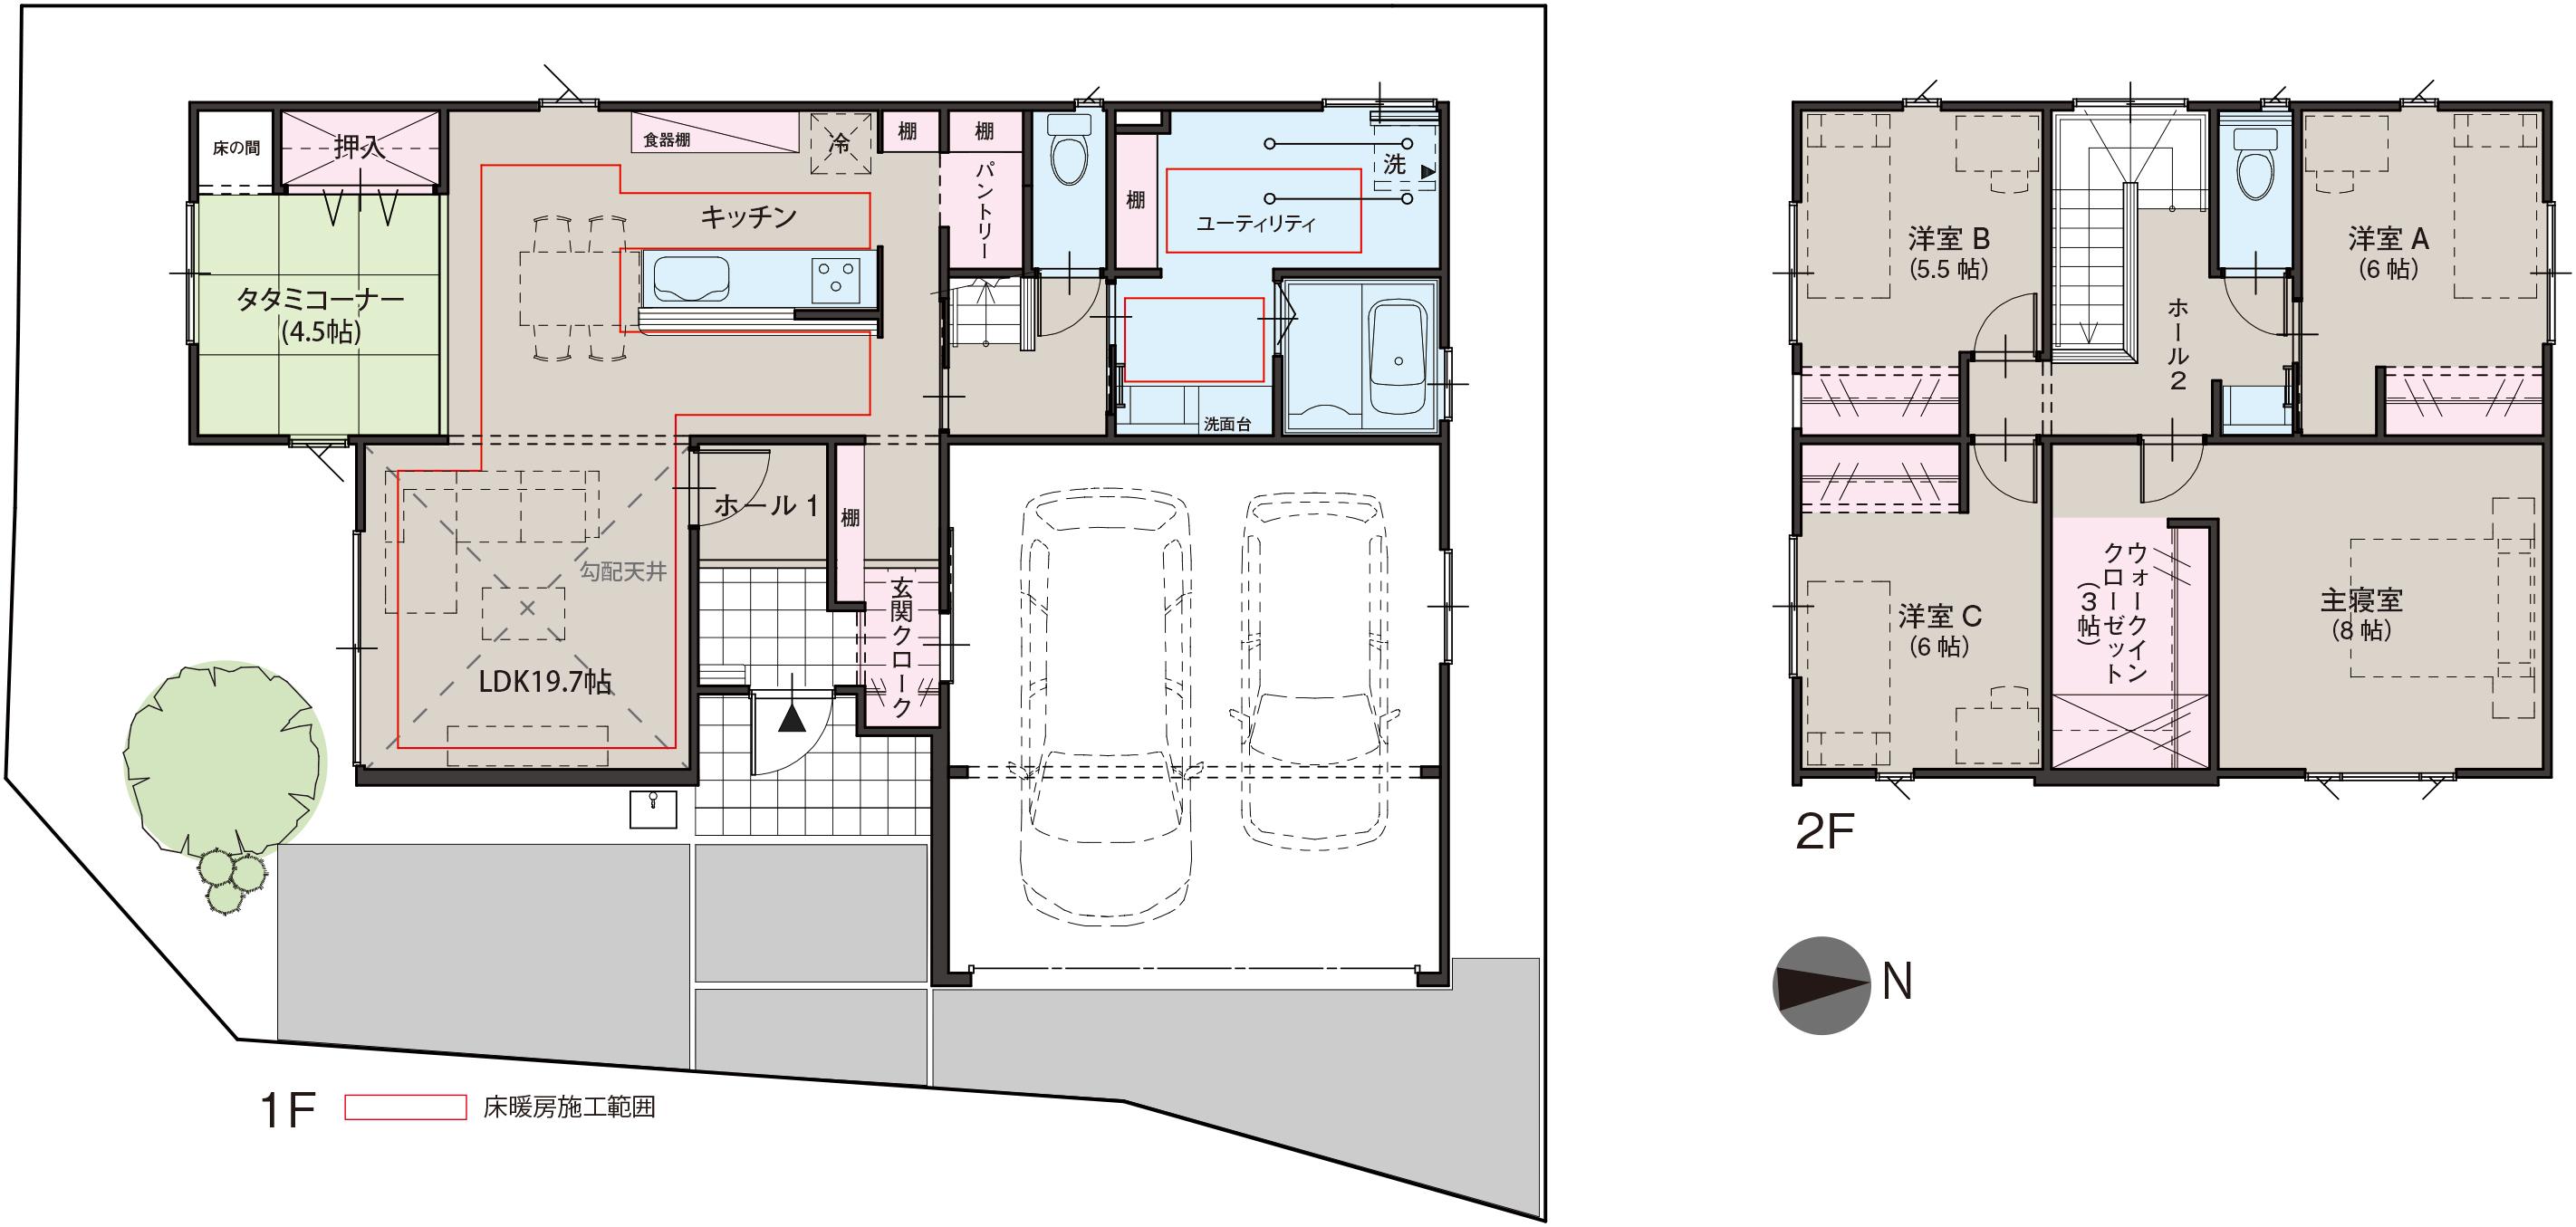 黒部市堀高にて4LDK・新築不動産住宅を販売中です 堀高F8 インナーガレージ2台分・床暖房付きの間取り